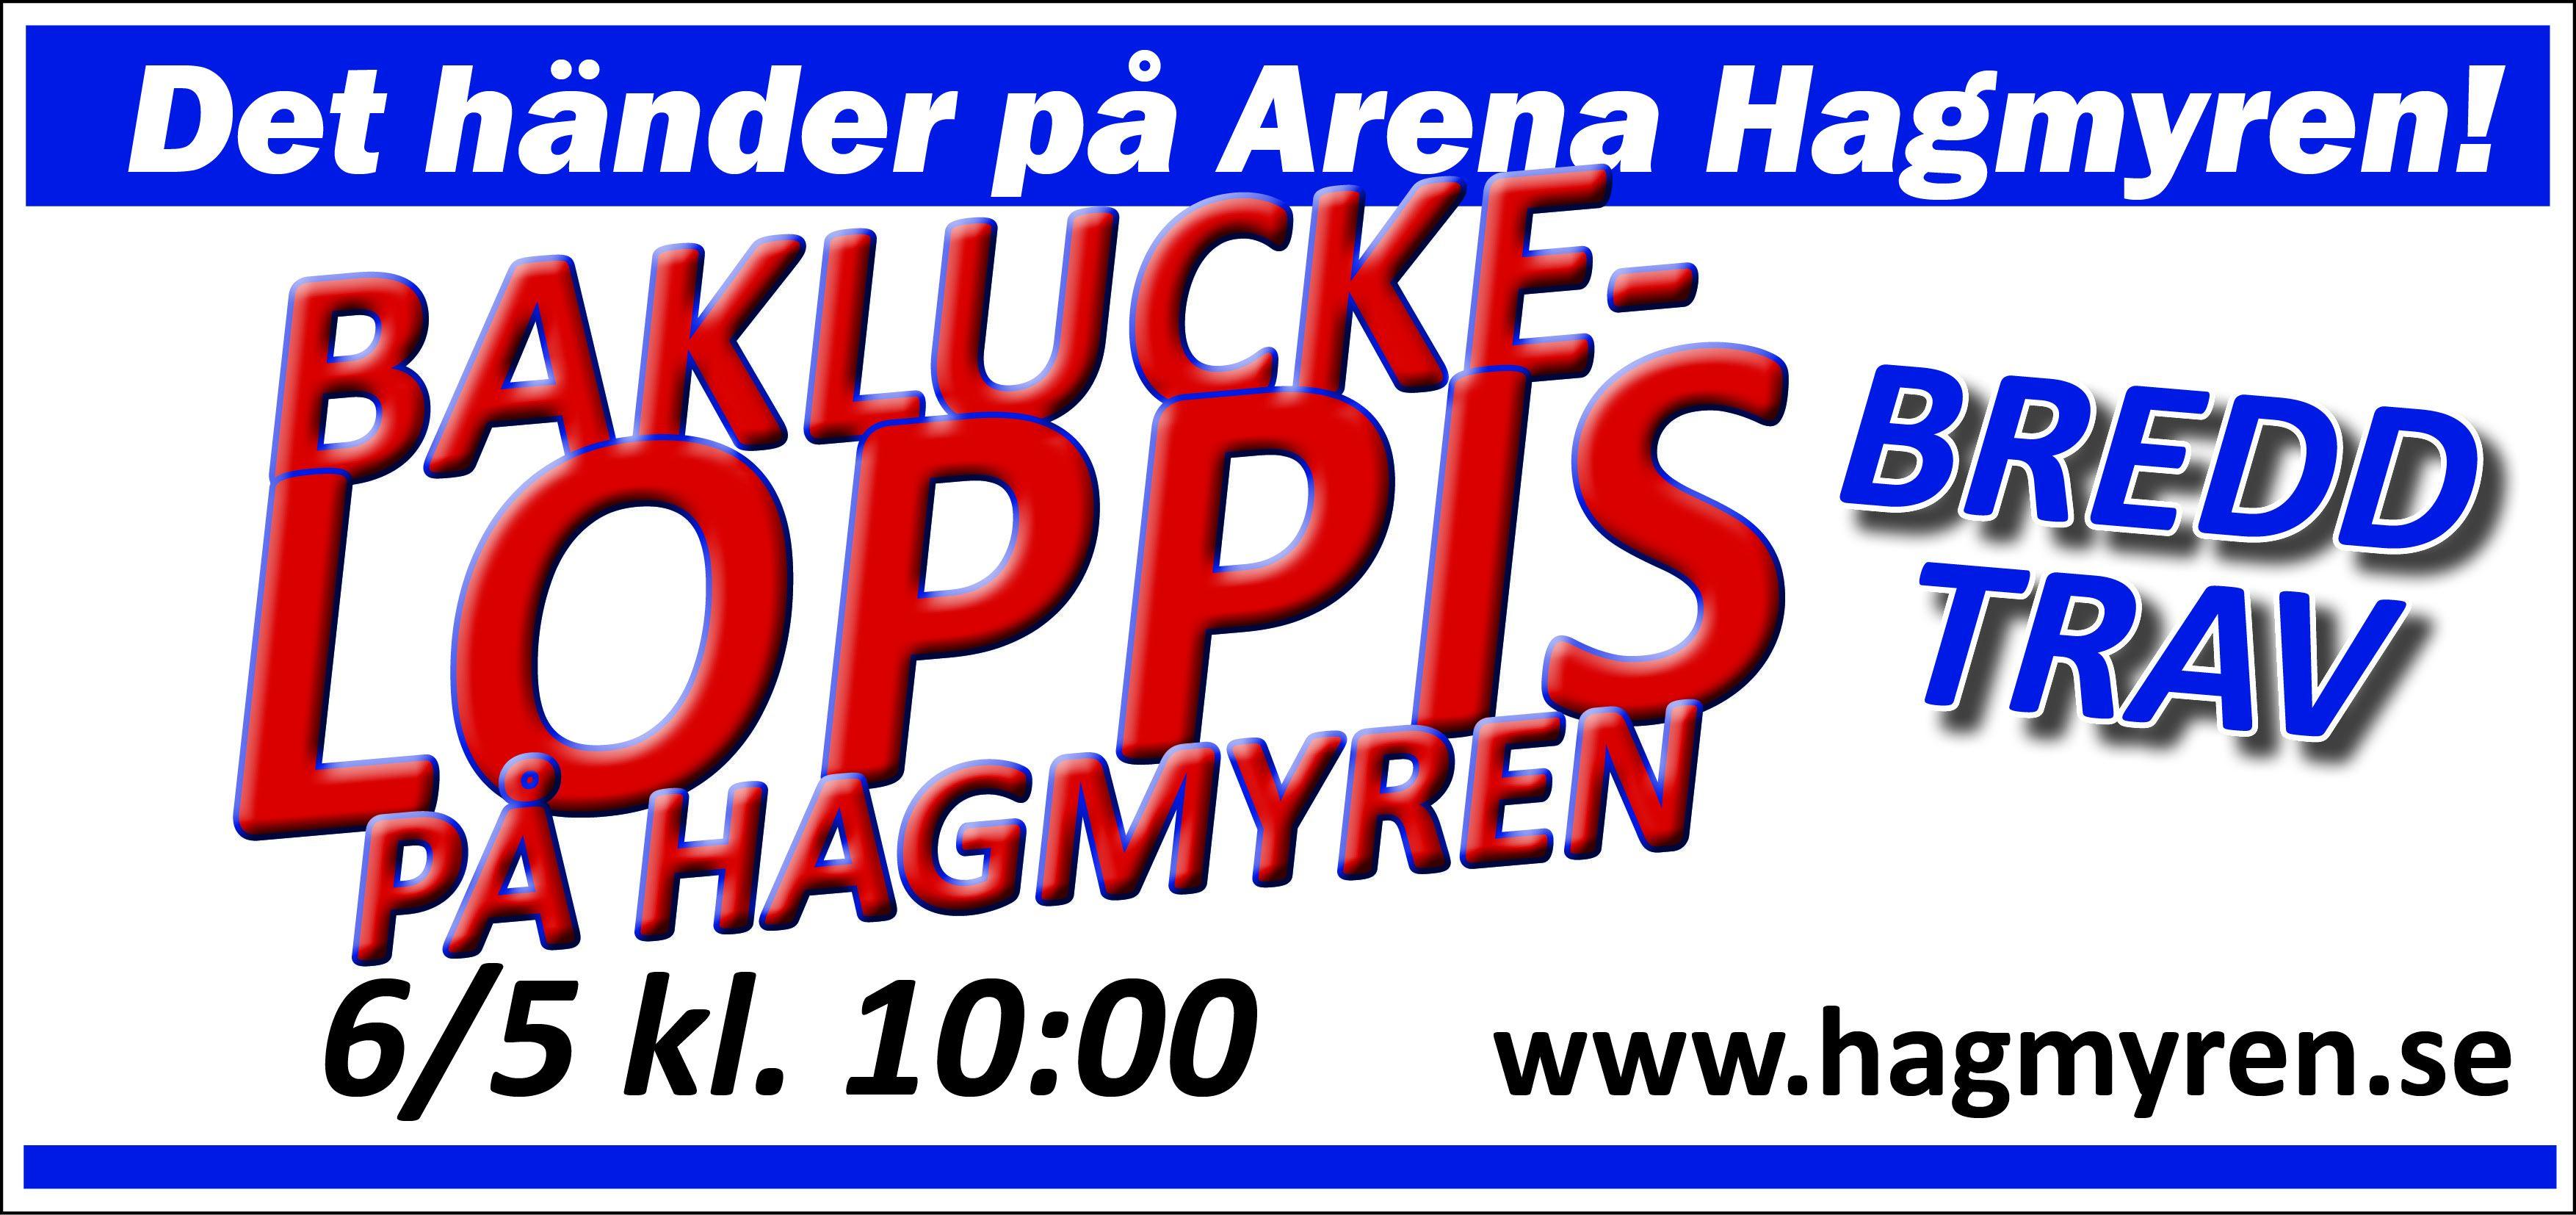 © Arena Hagmyren, BAKLUCKELOPPIS på Arena Hagmyren